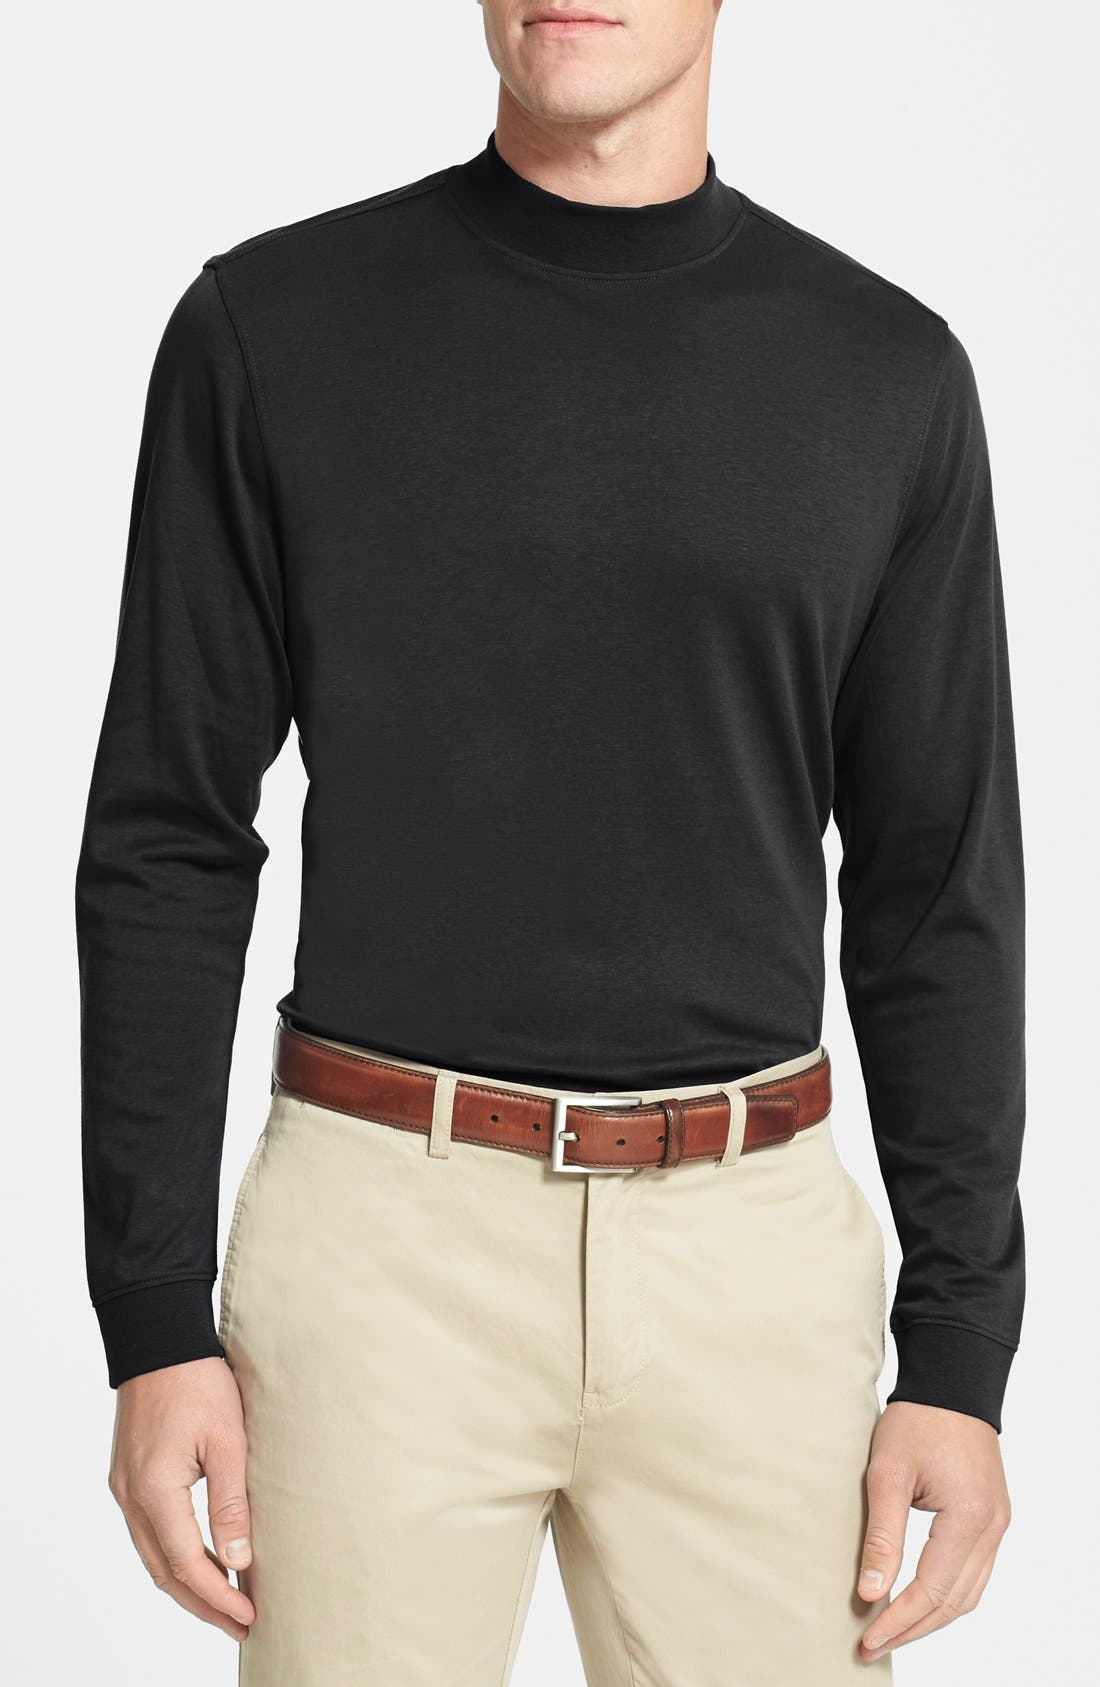 Cutter & Buck 'Belfair' Long Sleeve Mock Neck Pima Cotton T-Shirt (Big & Tall)